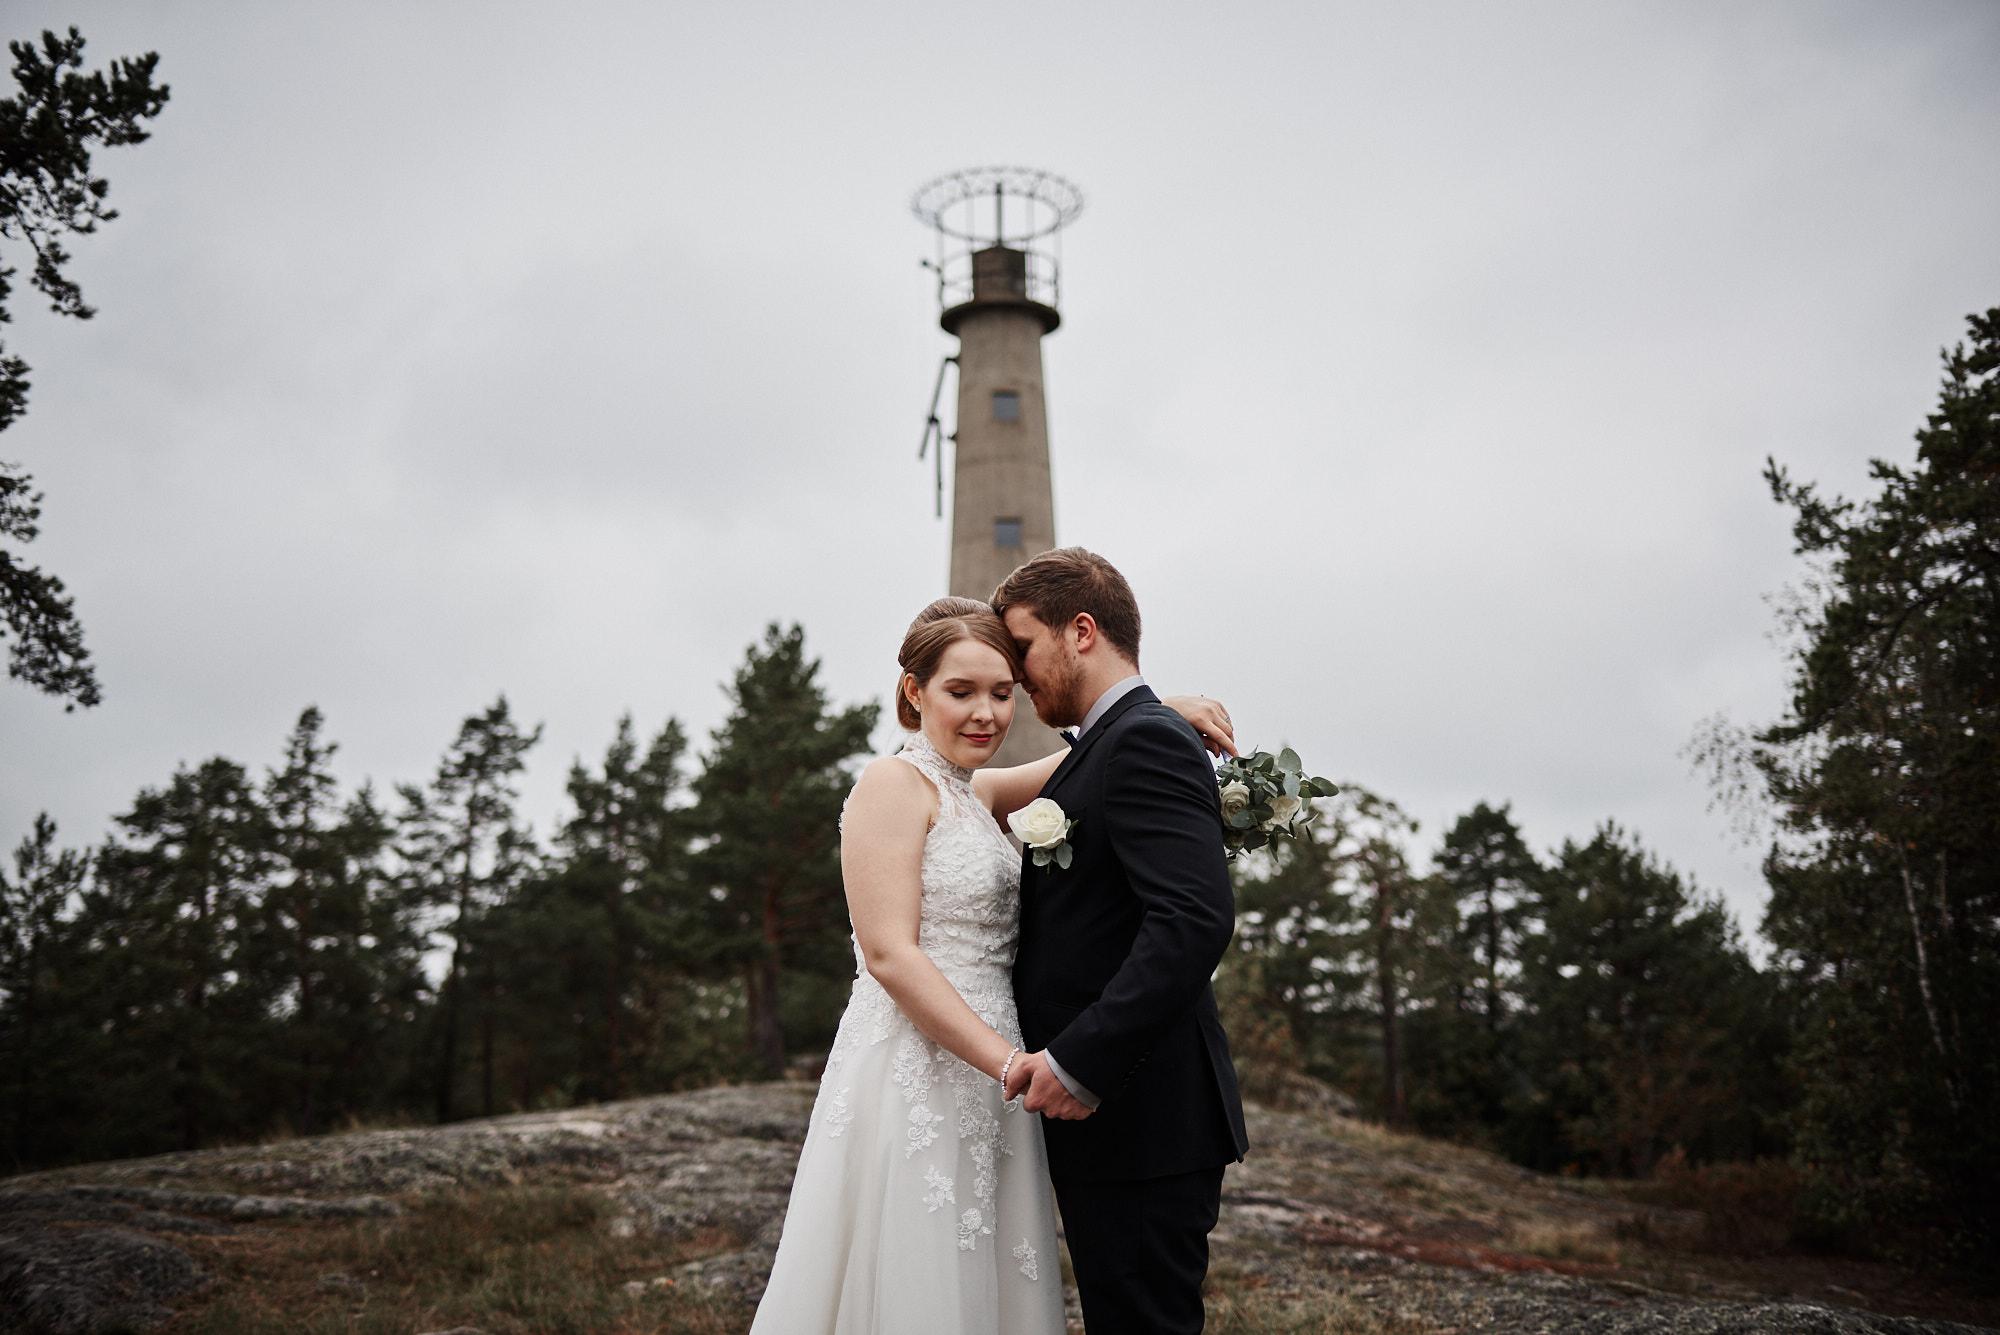 Hääkuvaus Turku